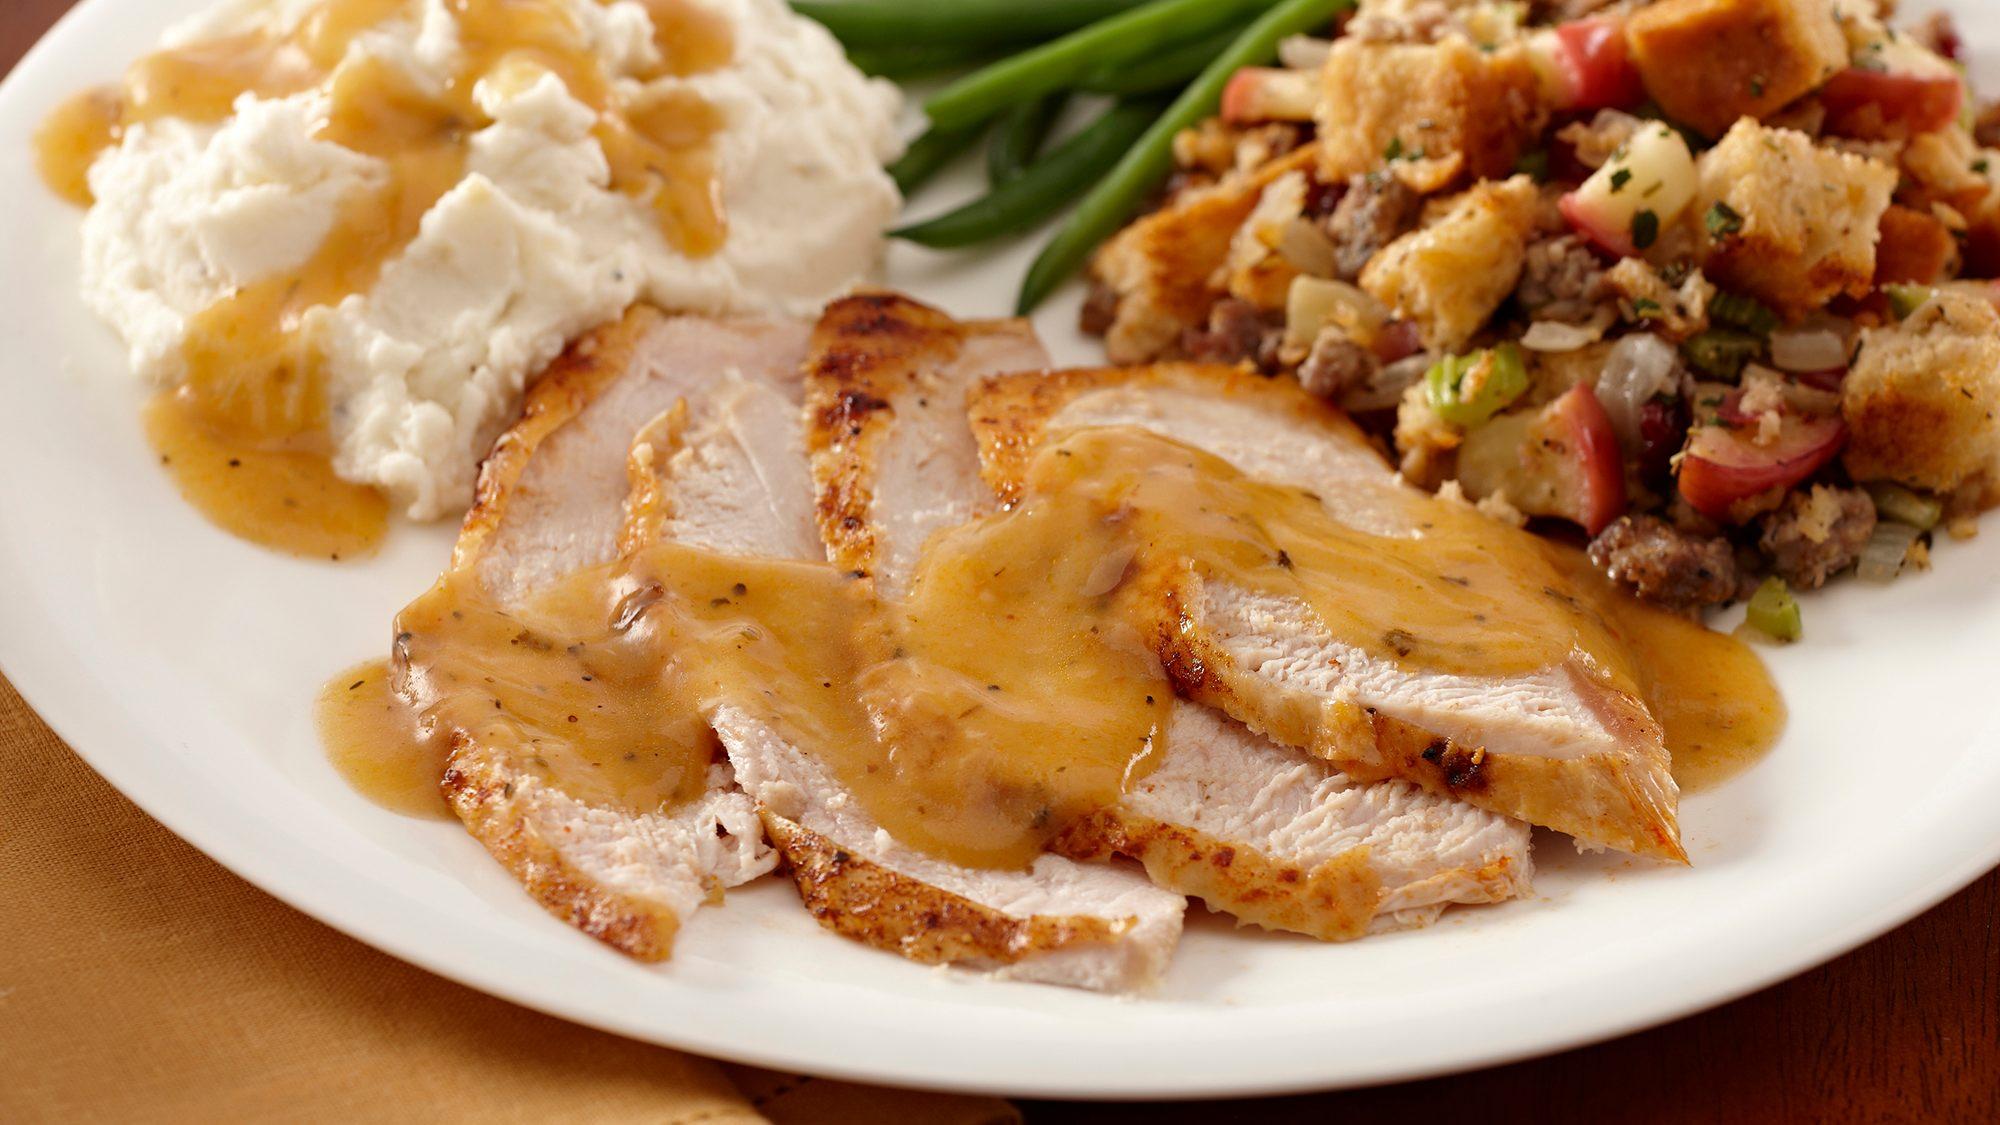 smoked-paprika-roasted-turkey-with-gravy.jpg